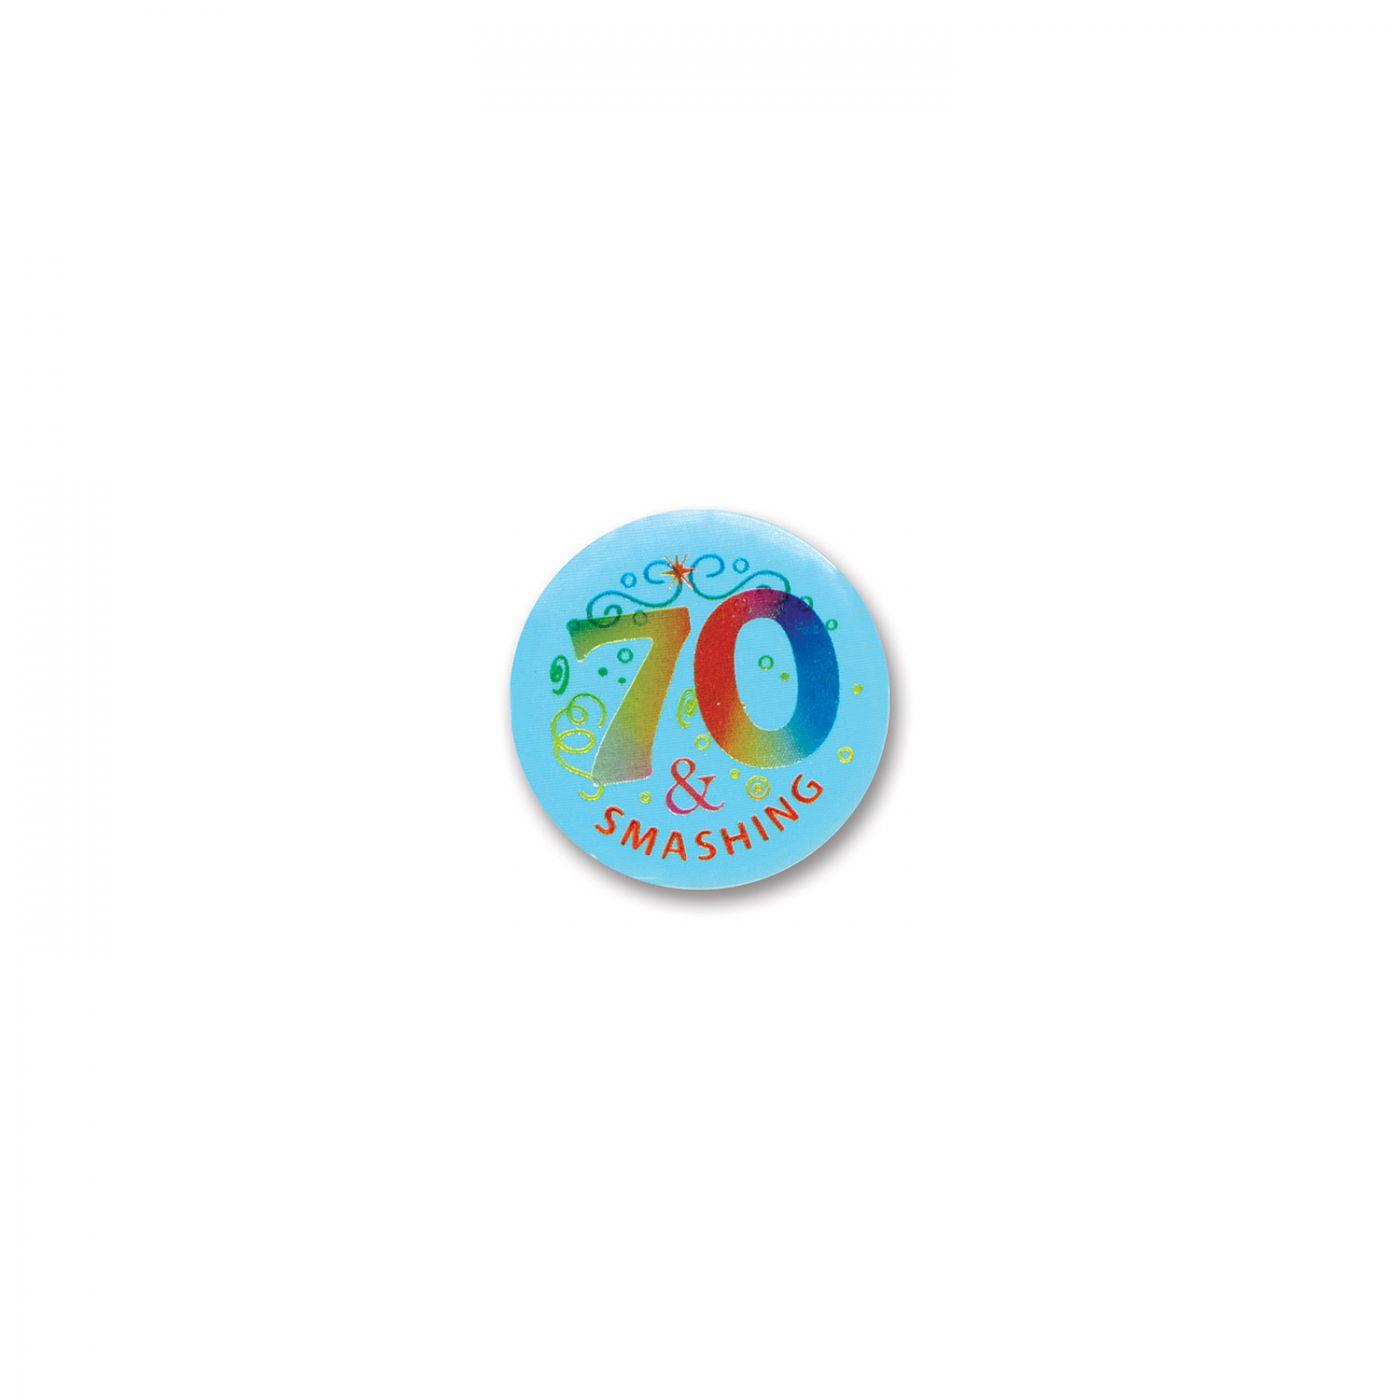 Image of 70 & Smashing Satin Button (6)